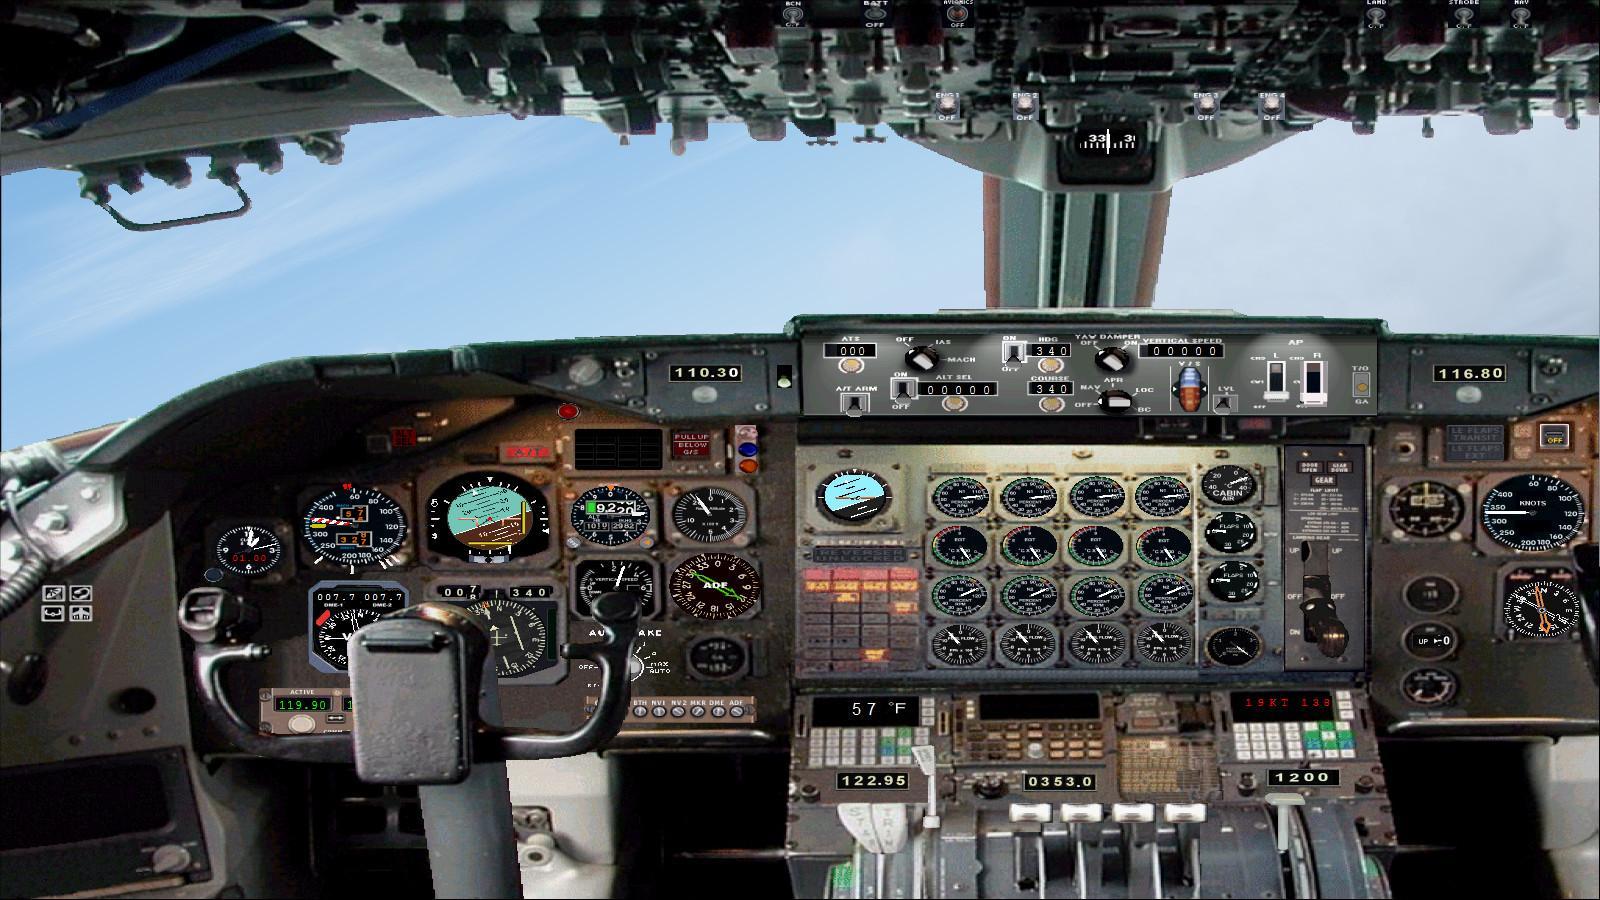 Cessna 206 Википедия